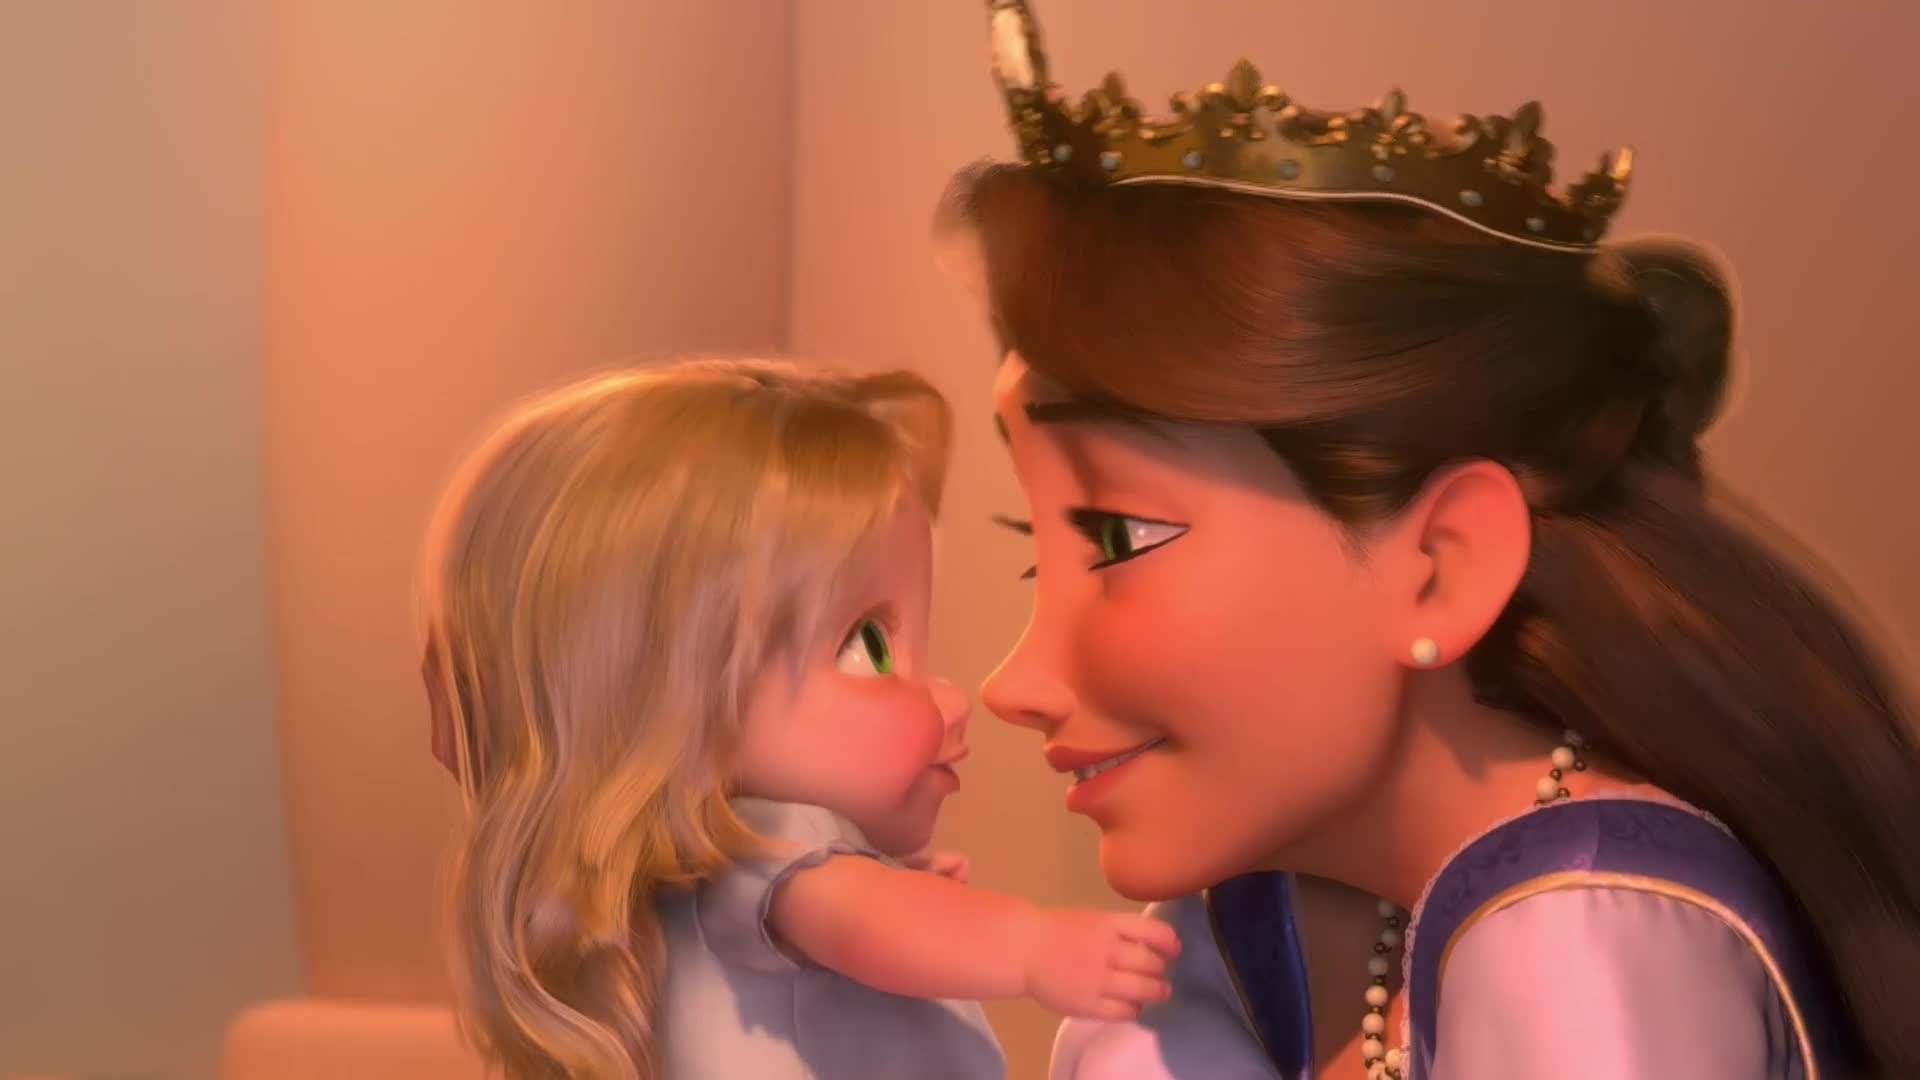 Dein kleines Mädchen wird die Welt erobern! - Glaube an Dich, Prinzessin!